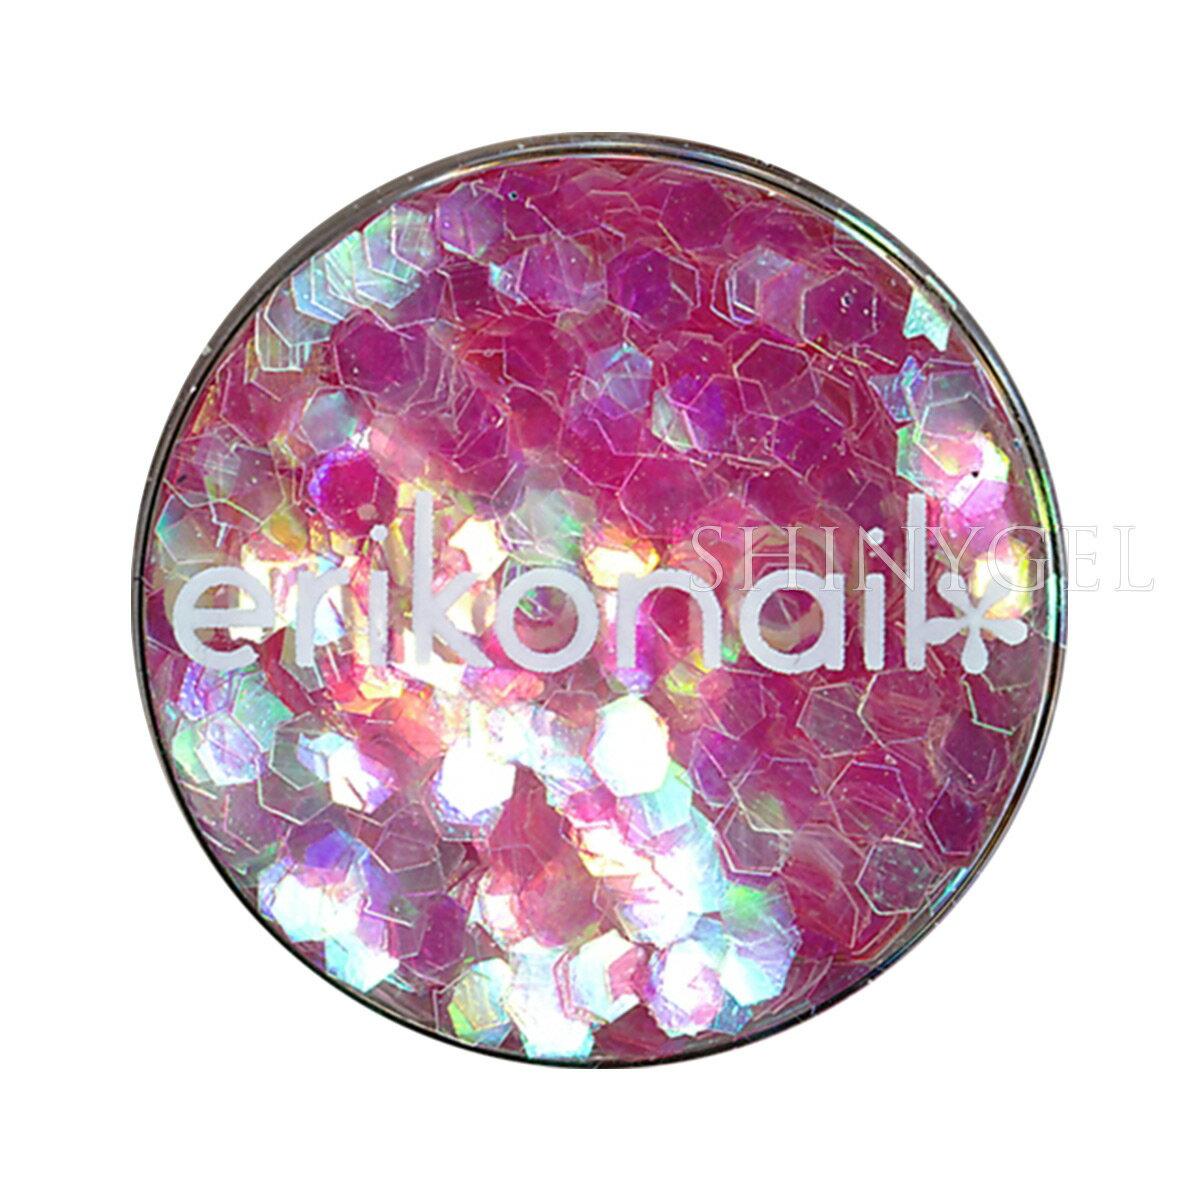 erikonail(エリコネイル):ジュエリーコレクション/ピンクオーロラ L